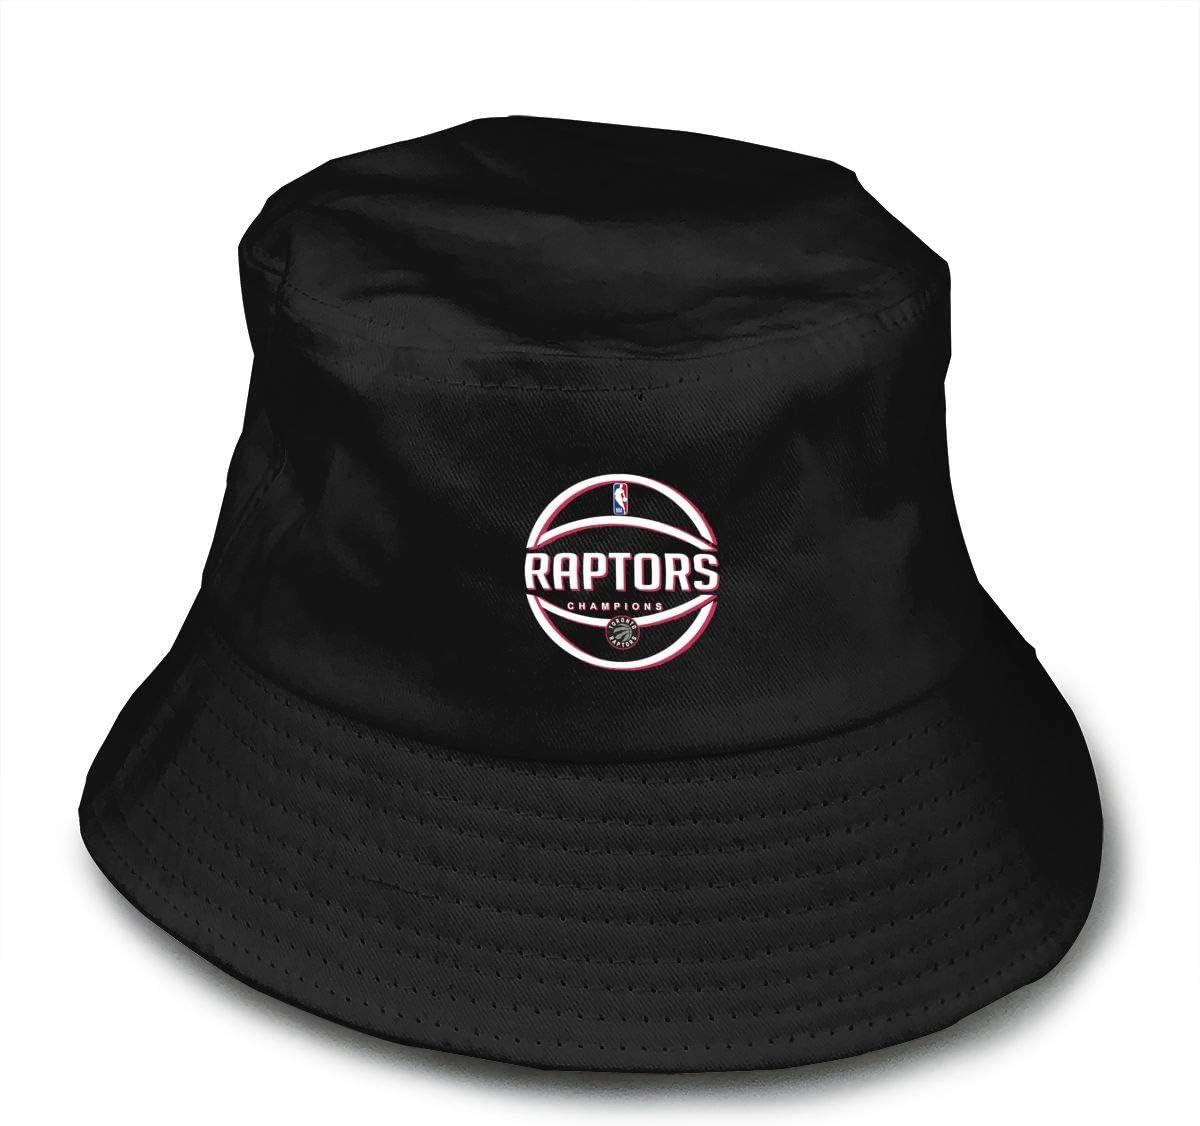 Toronto-Raptors Bucket Hat,Summer Fisherman Cap,Protection Hat Black